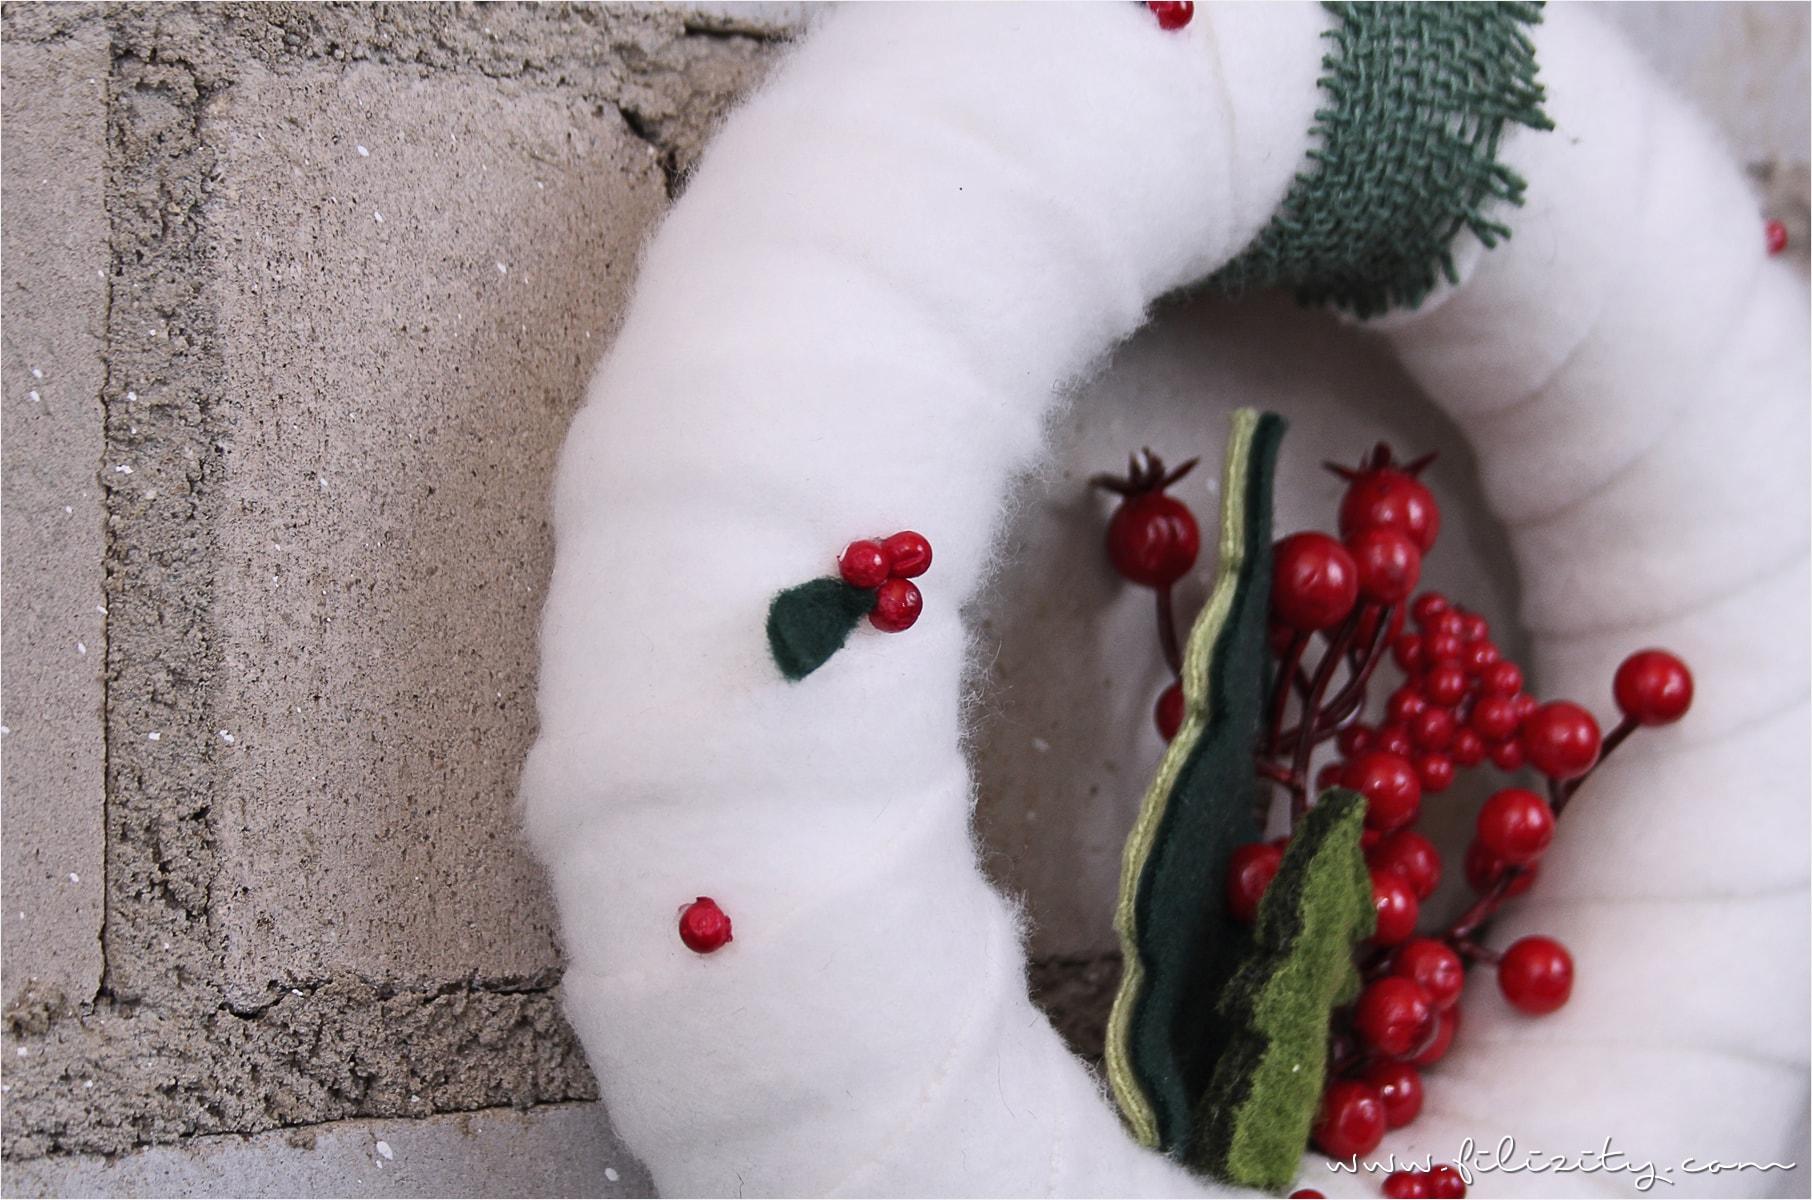 DIY-Deko: Weihnachtlicher Türkranz mit Tannen und Beeren #weihnachten #adventskranz #türkranz